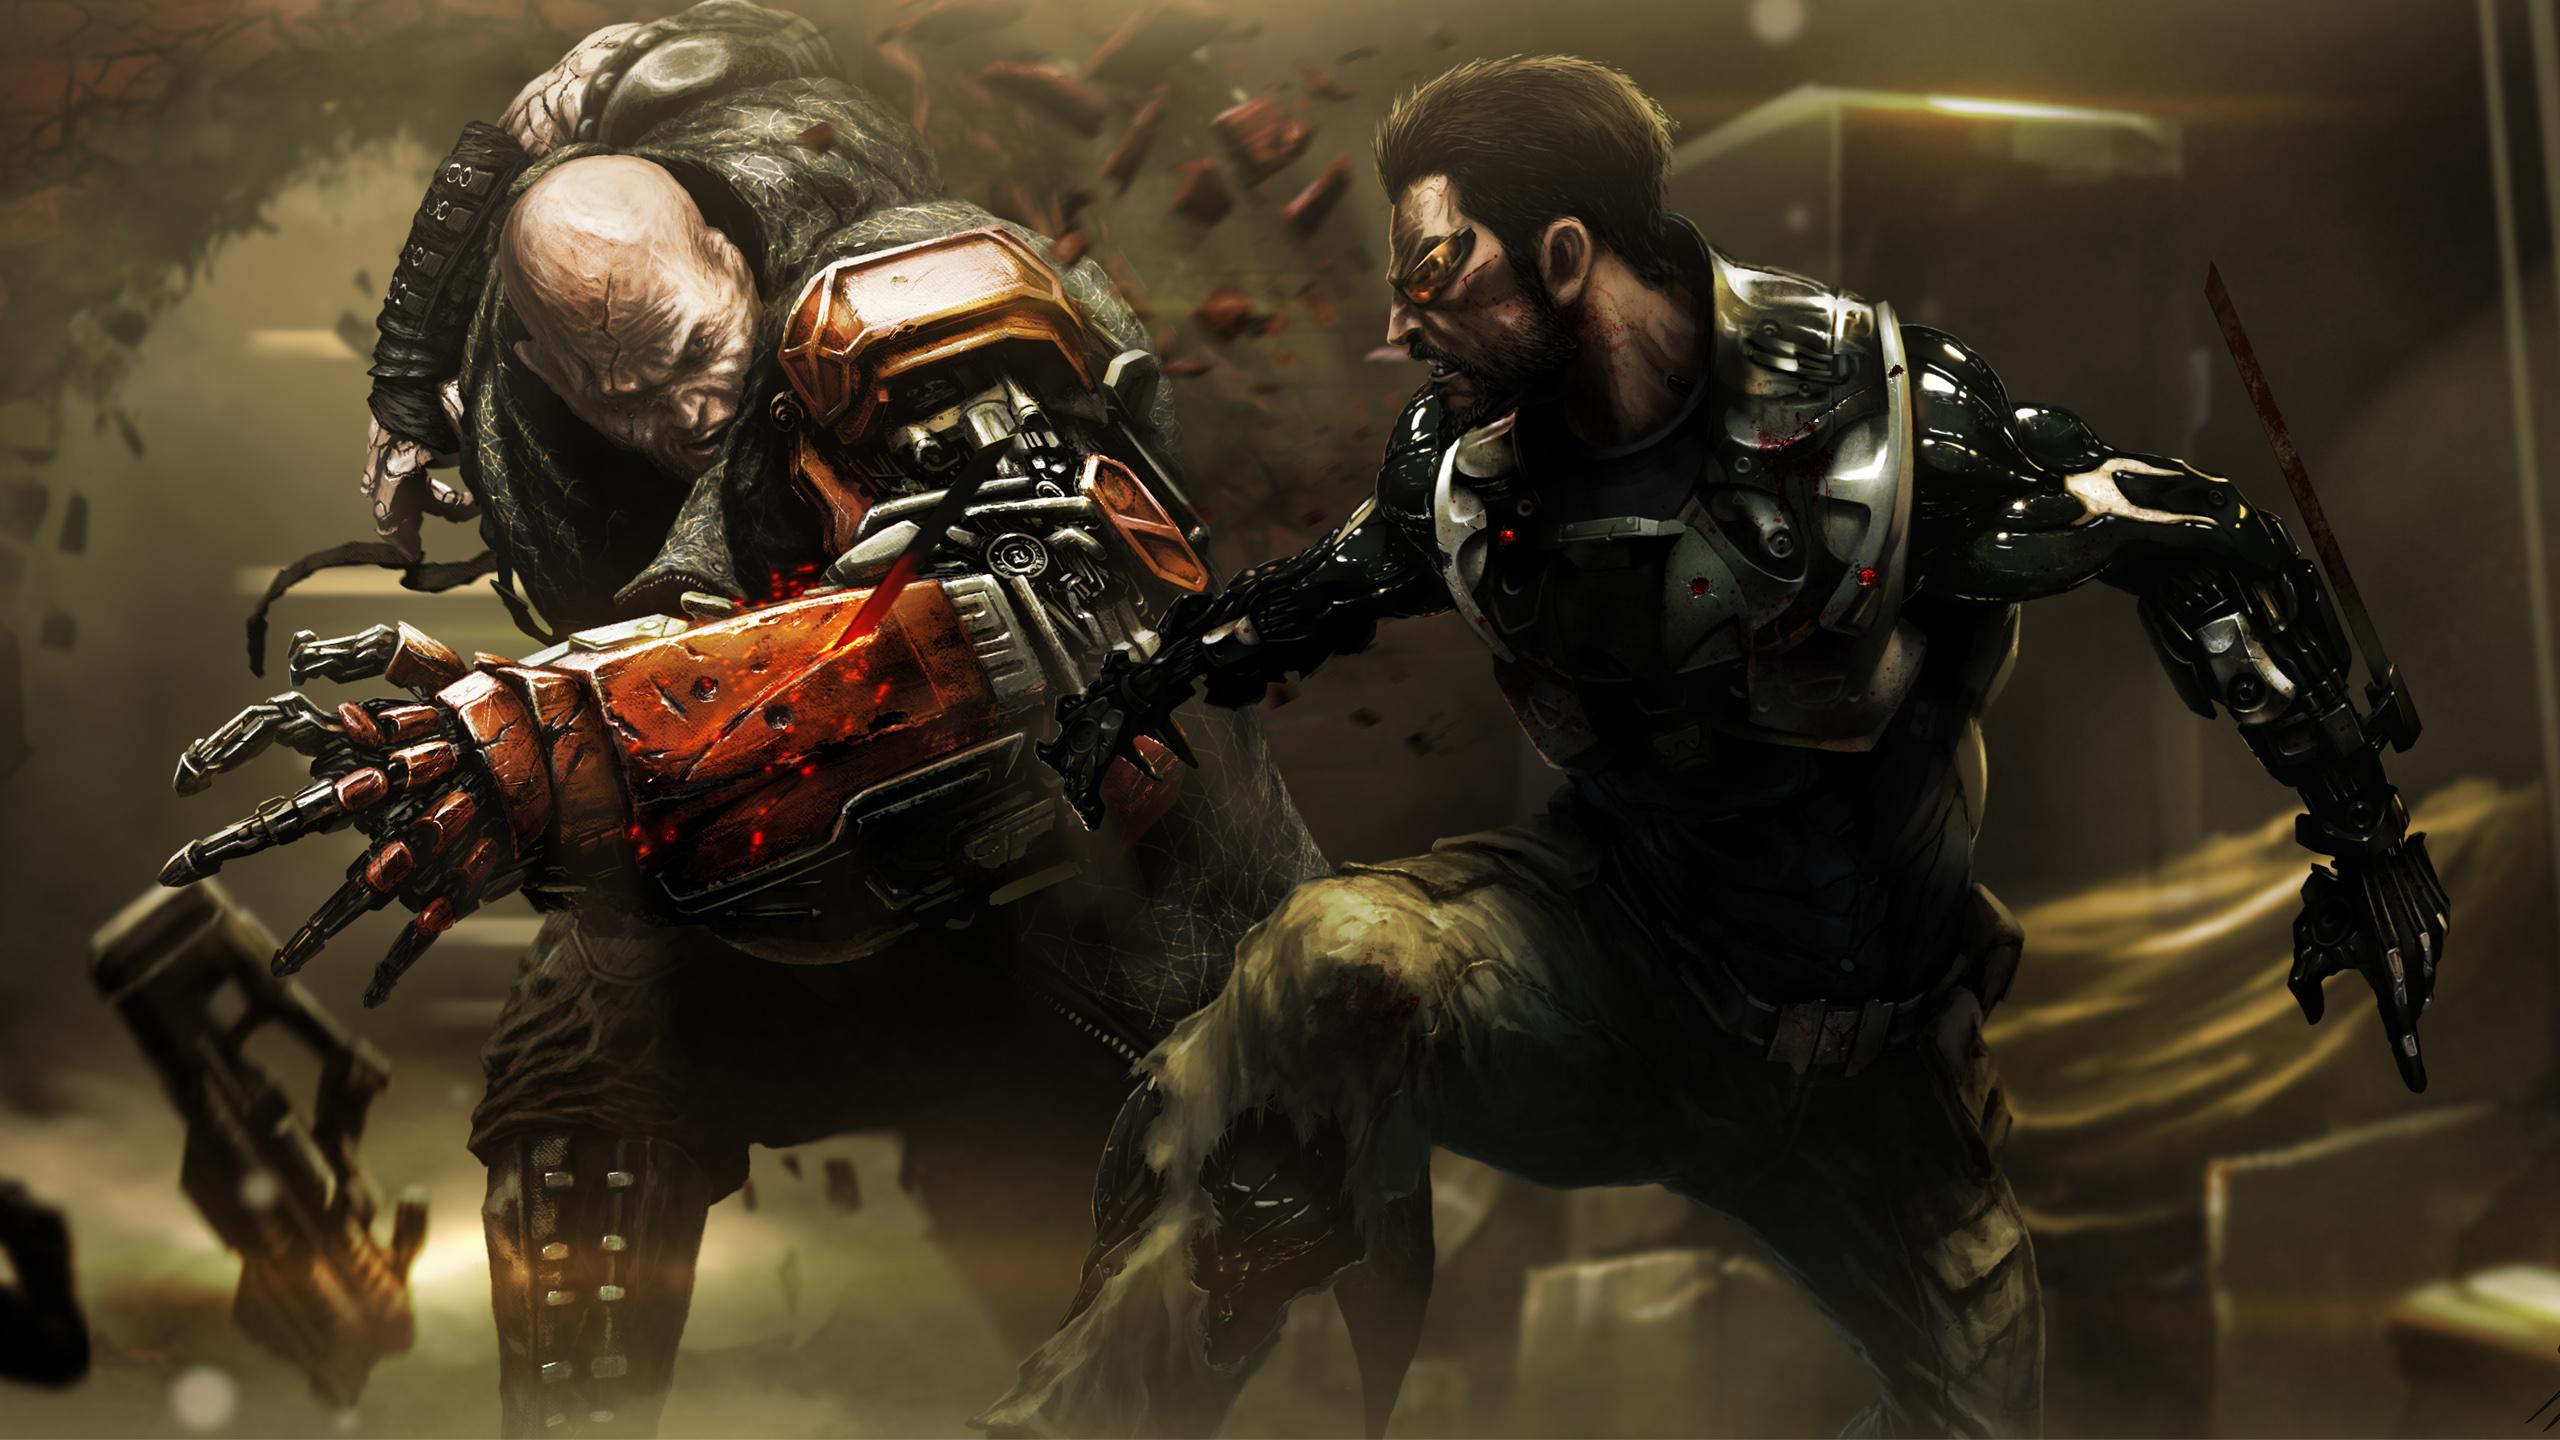 В Deus Ex человечество разделено концепт-арт. обои скачать